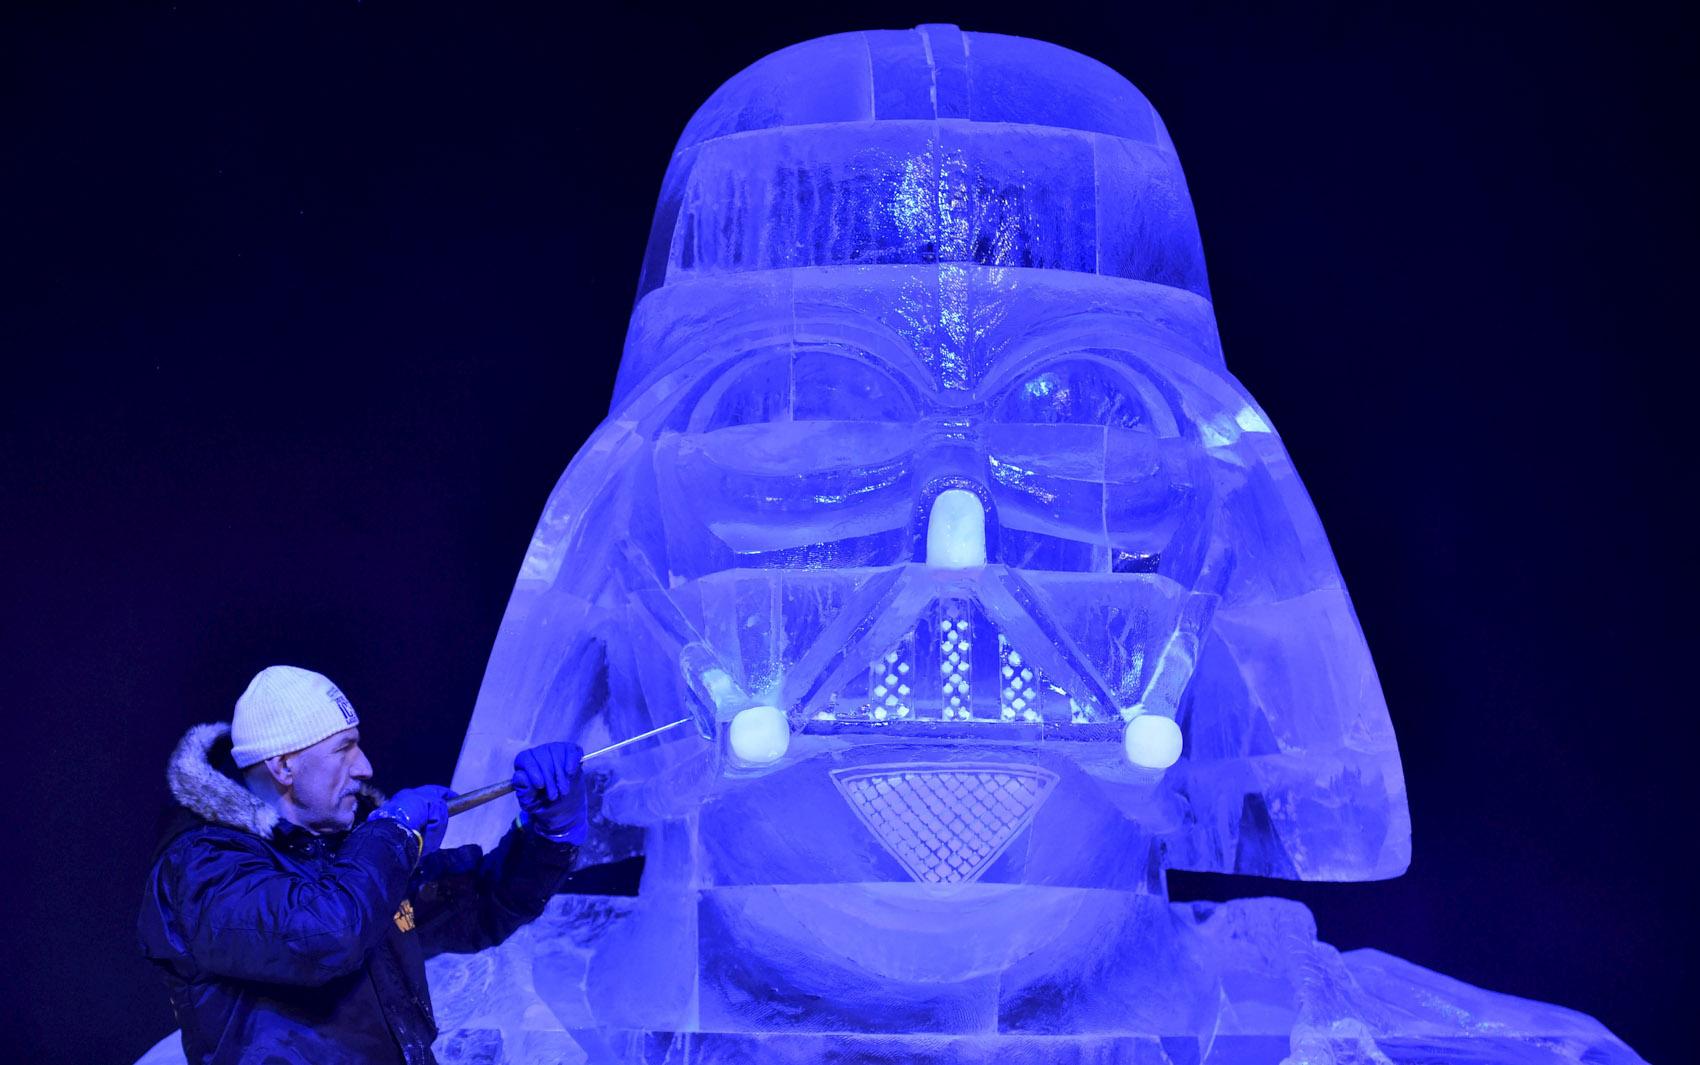 O escultor hungáro Zsolt Toth esculpe o personagem Darth Vader, da saga 'Star Wars', para o festival de esculturas de gelo em Liège, na Bélgica